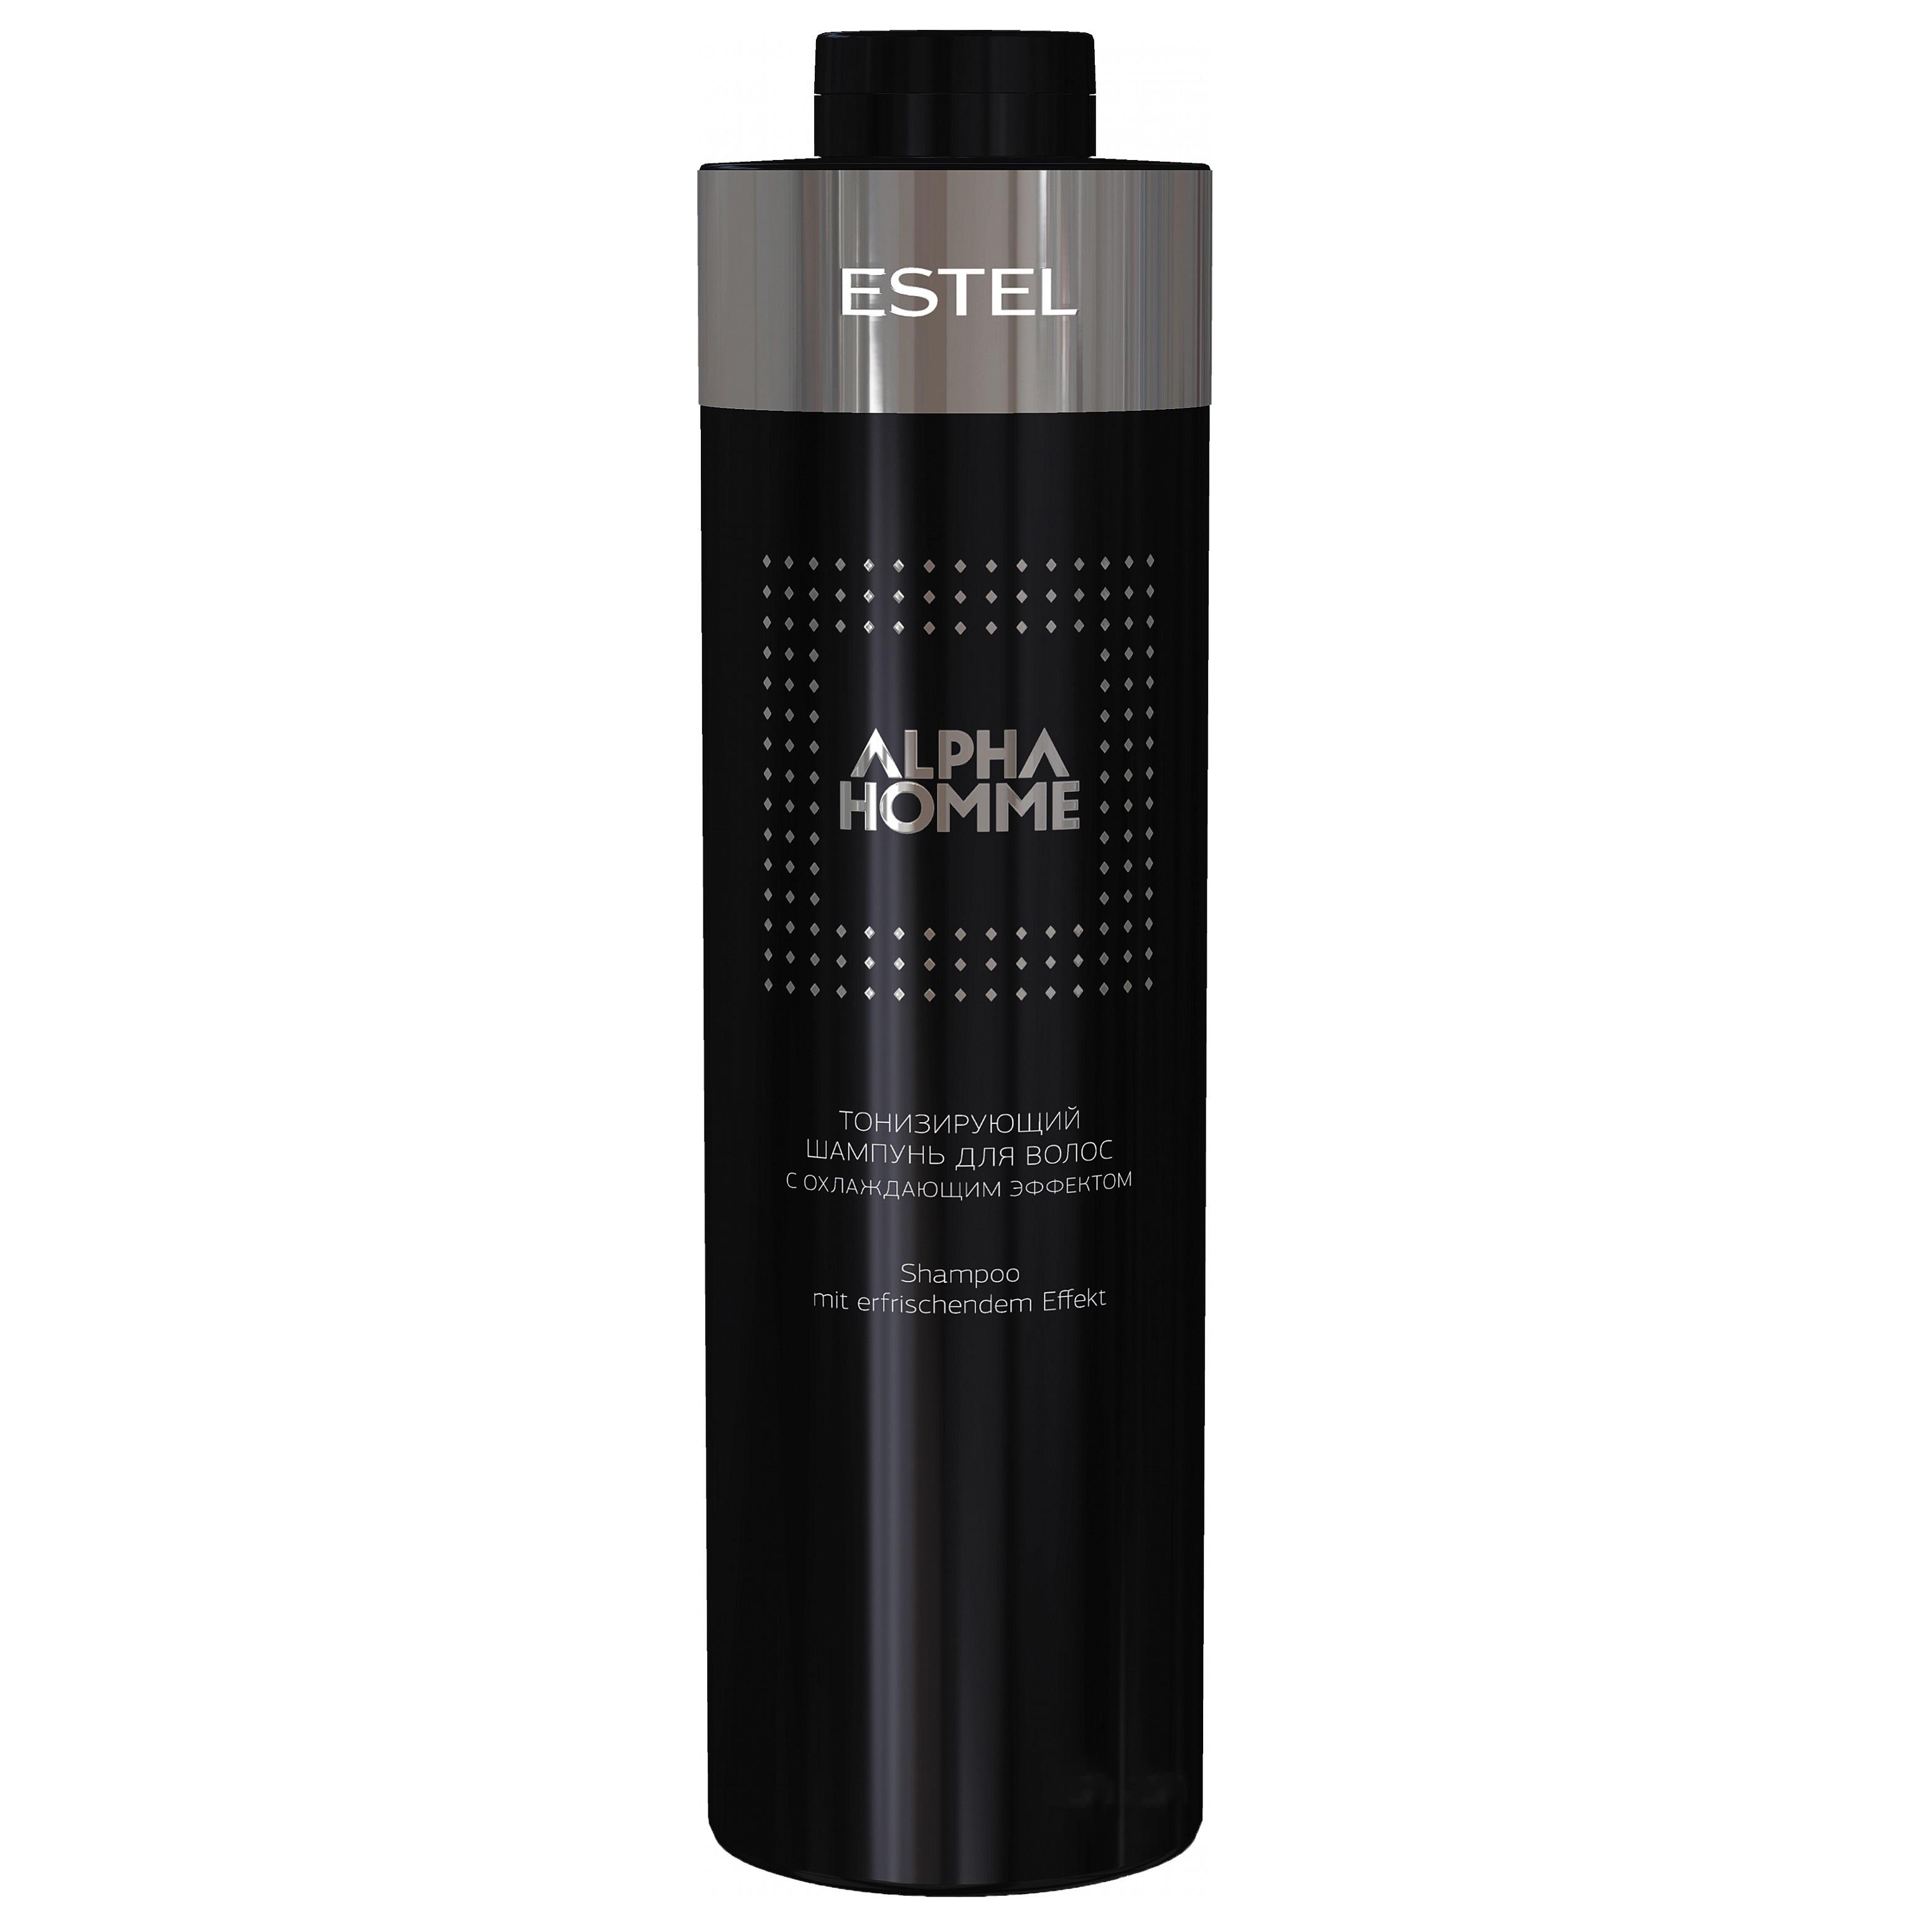 Купить Шампуни Estel, Тонизирующий шампунь Estel Alpha Homme для волос с охлаждающим эффектом 1000 мл